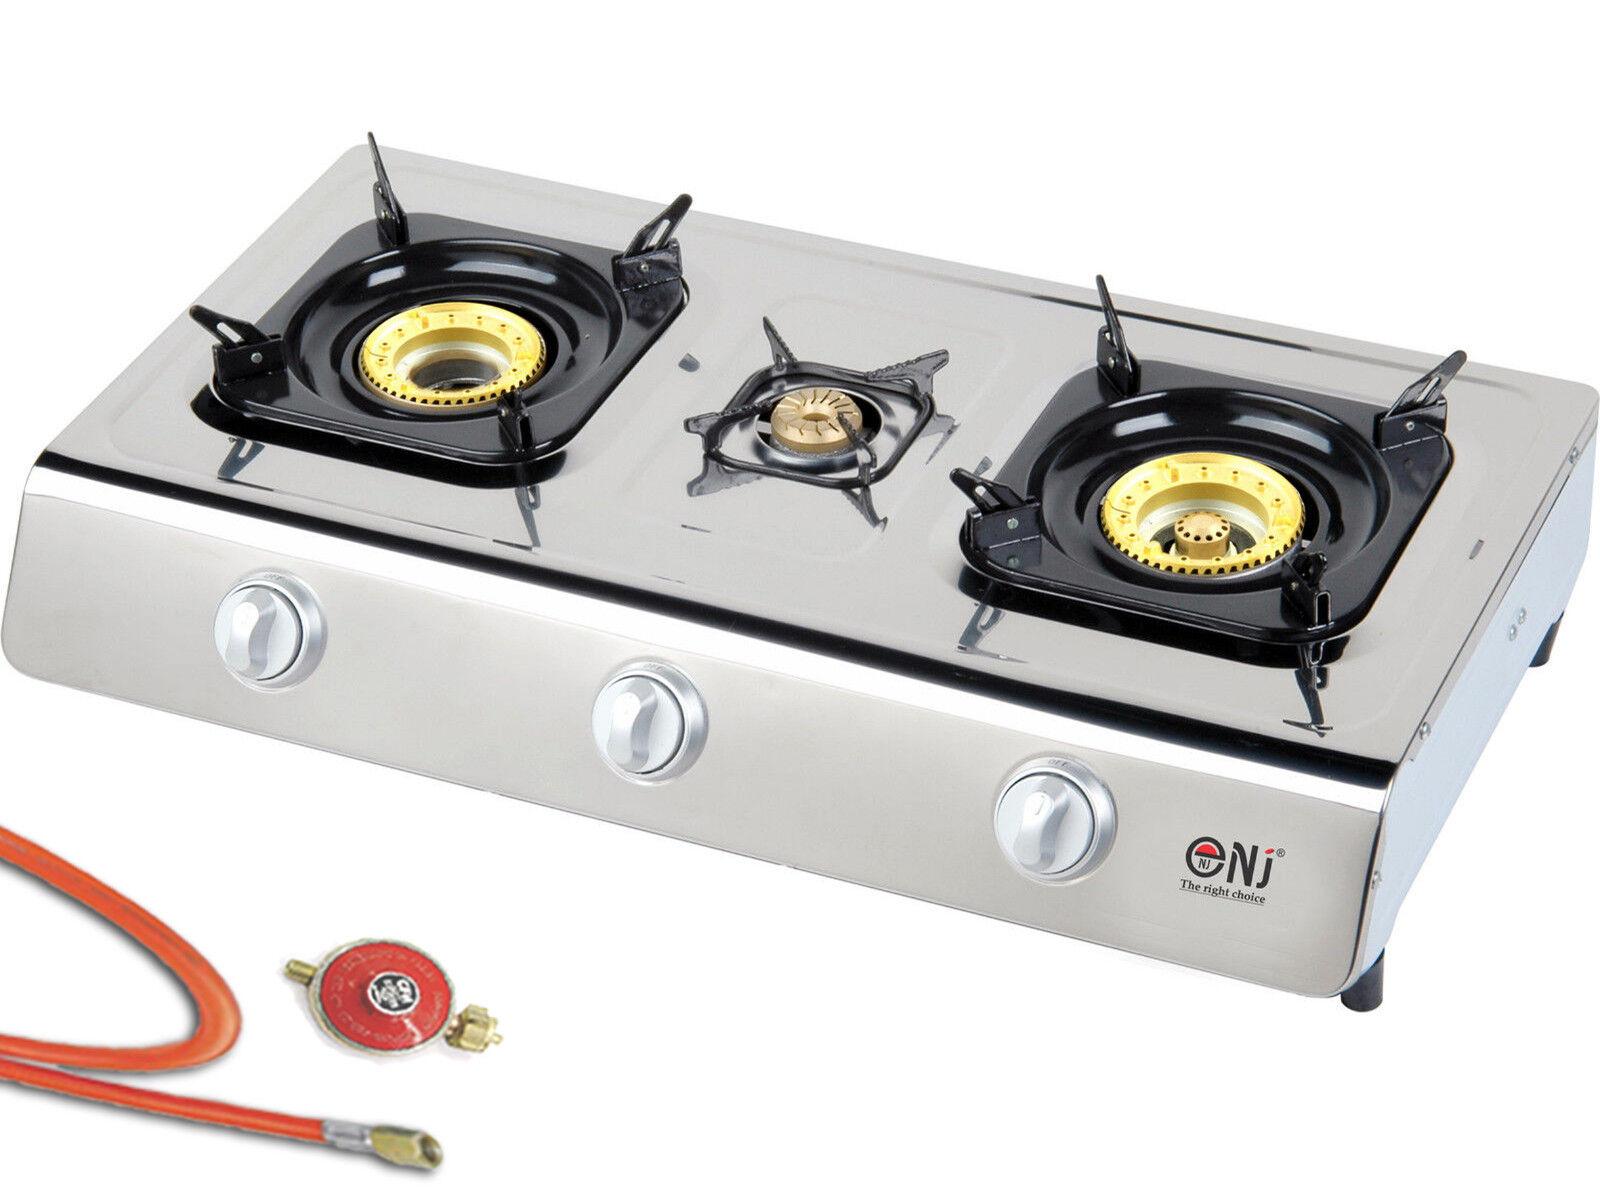 FORNELLO in acciaio inox 3 bruciatori 10 KW vetroceramica Fornello Campeggio SGABELLO WOK Fornello Nuovo